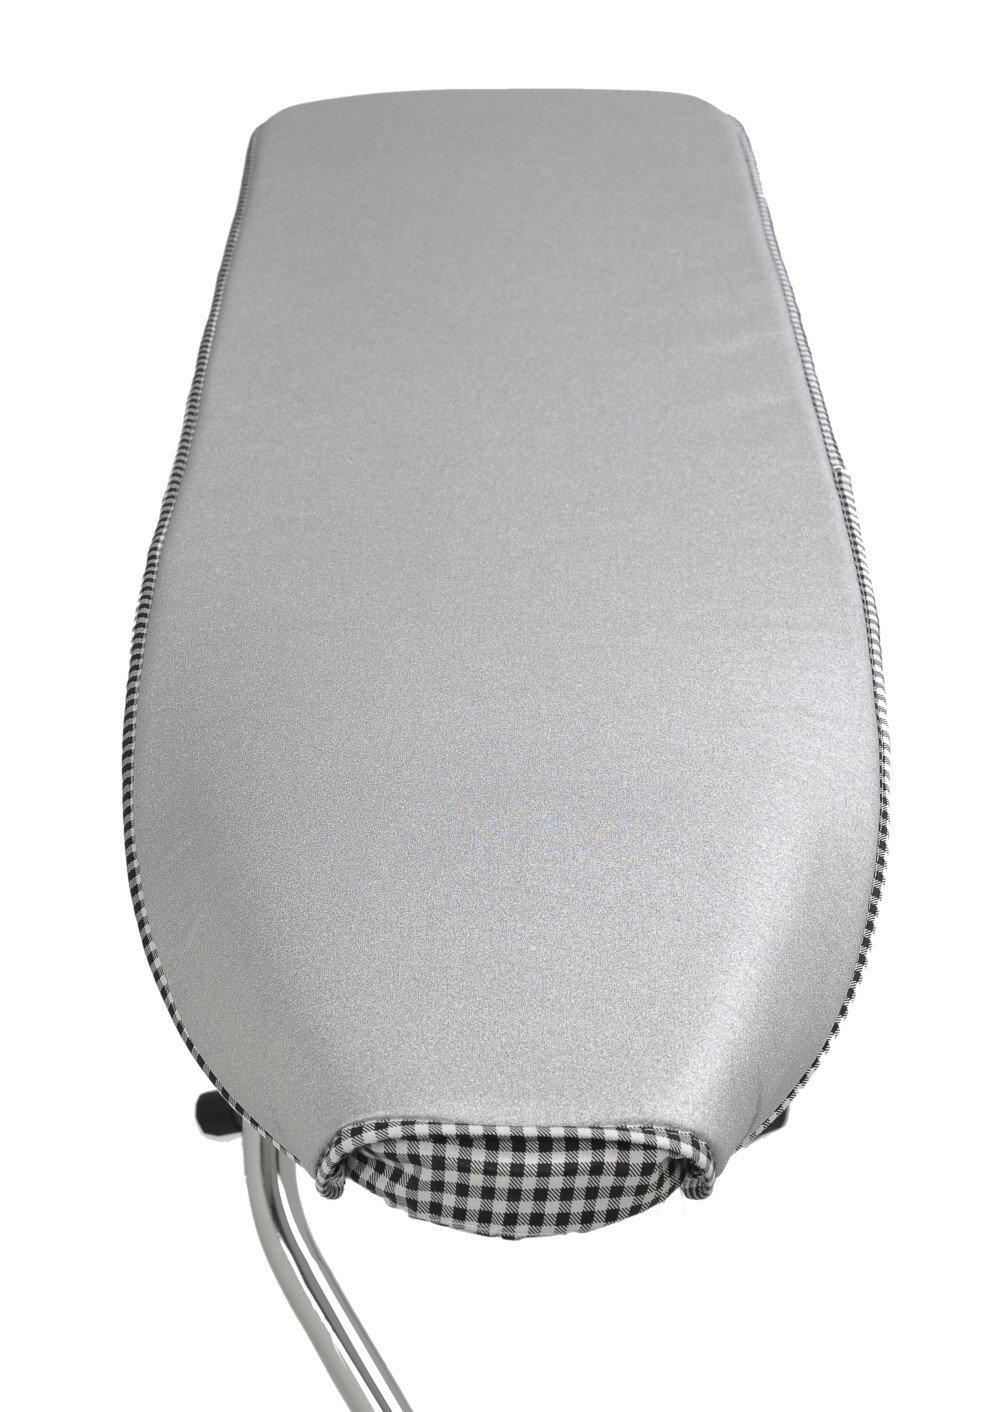 Mabi 702 KETTLER Alu-Bügelauflage LxB 138 x 38 cm Bügeltuch für KETTLER Bügeltische Baujahr 1960-2011 (siehe Bilder)